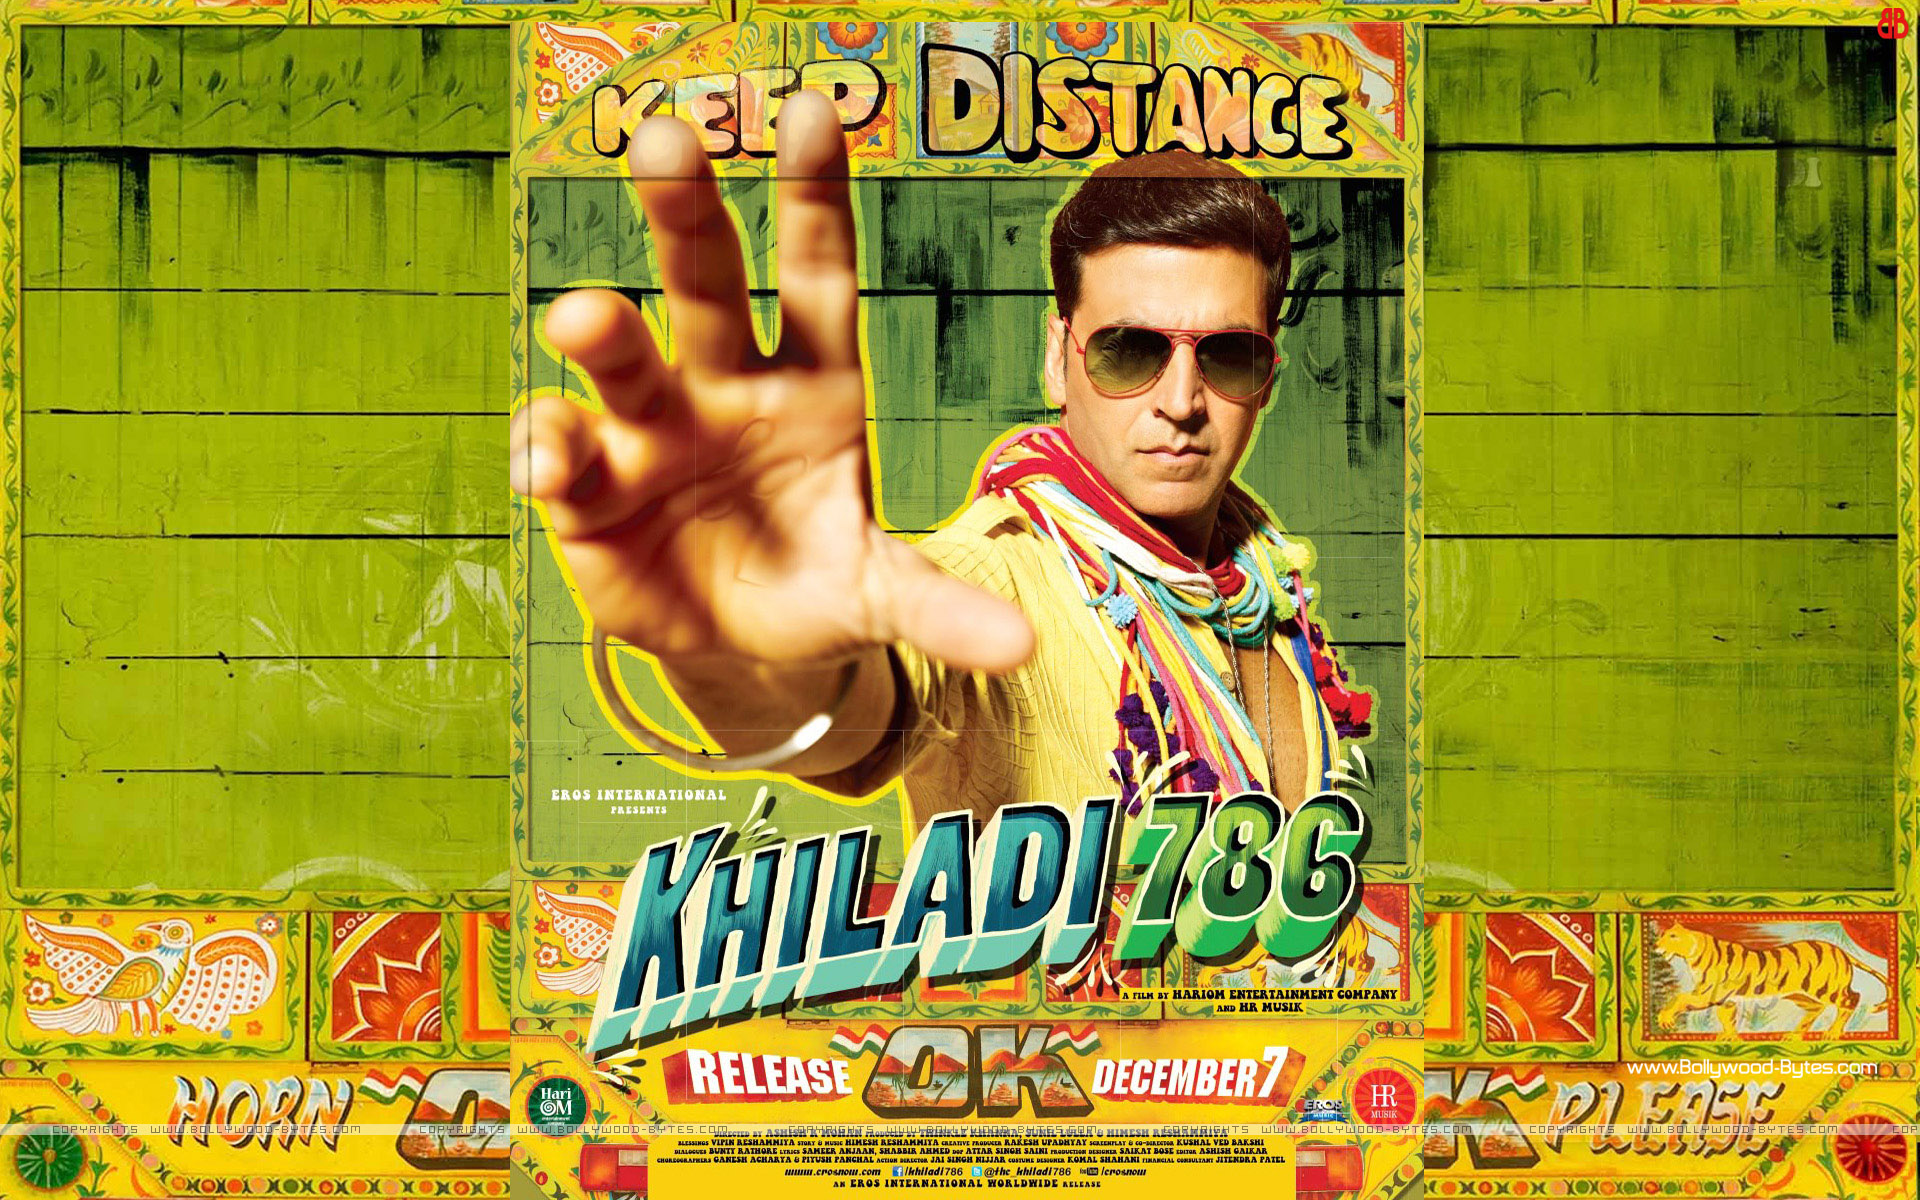 http://1.bp.blogspot.com/-oM2epJuVJlg/UG3cqUqkC5I/AAAAAAAAQ68/xCpMLSTj1SI/s1920/Khil%E2%80%8Eadi-786-+Akshay-Kumar-HD-Wallpaper-01.jpg